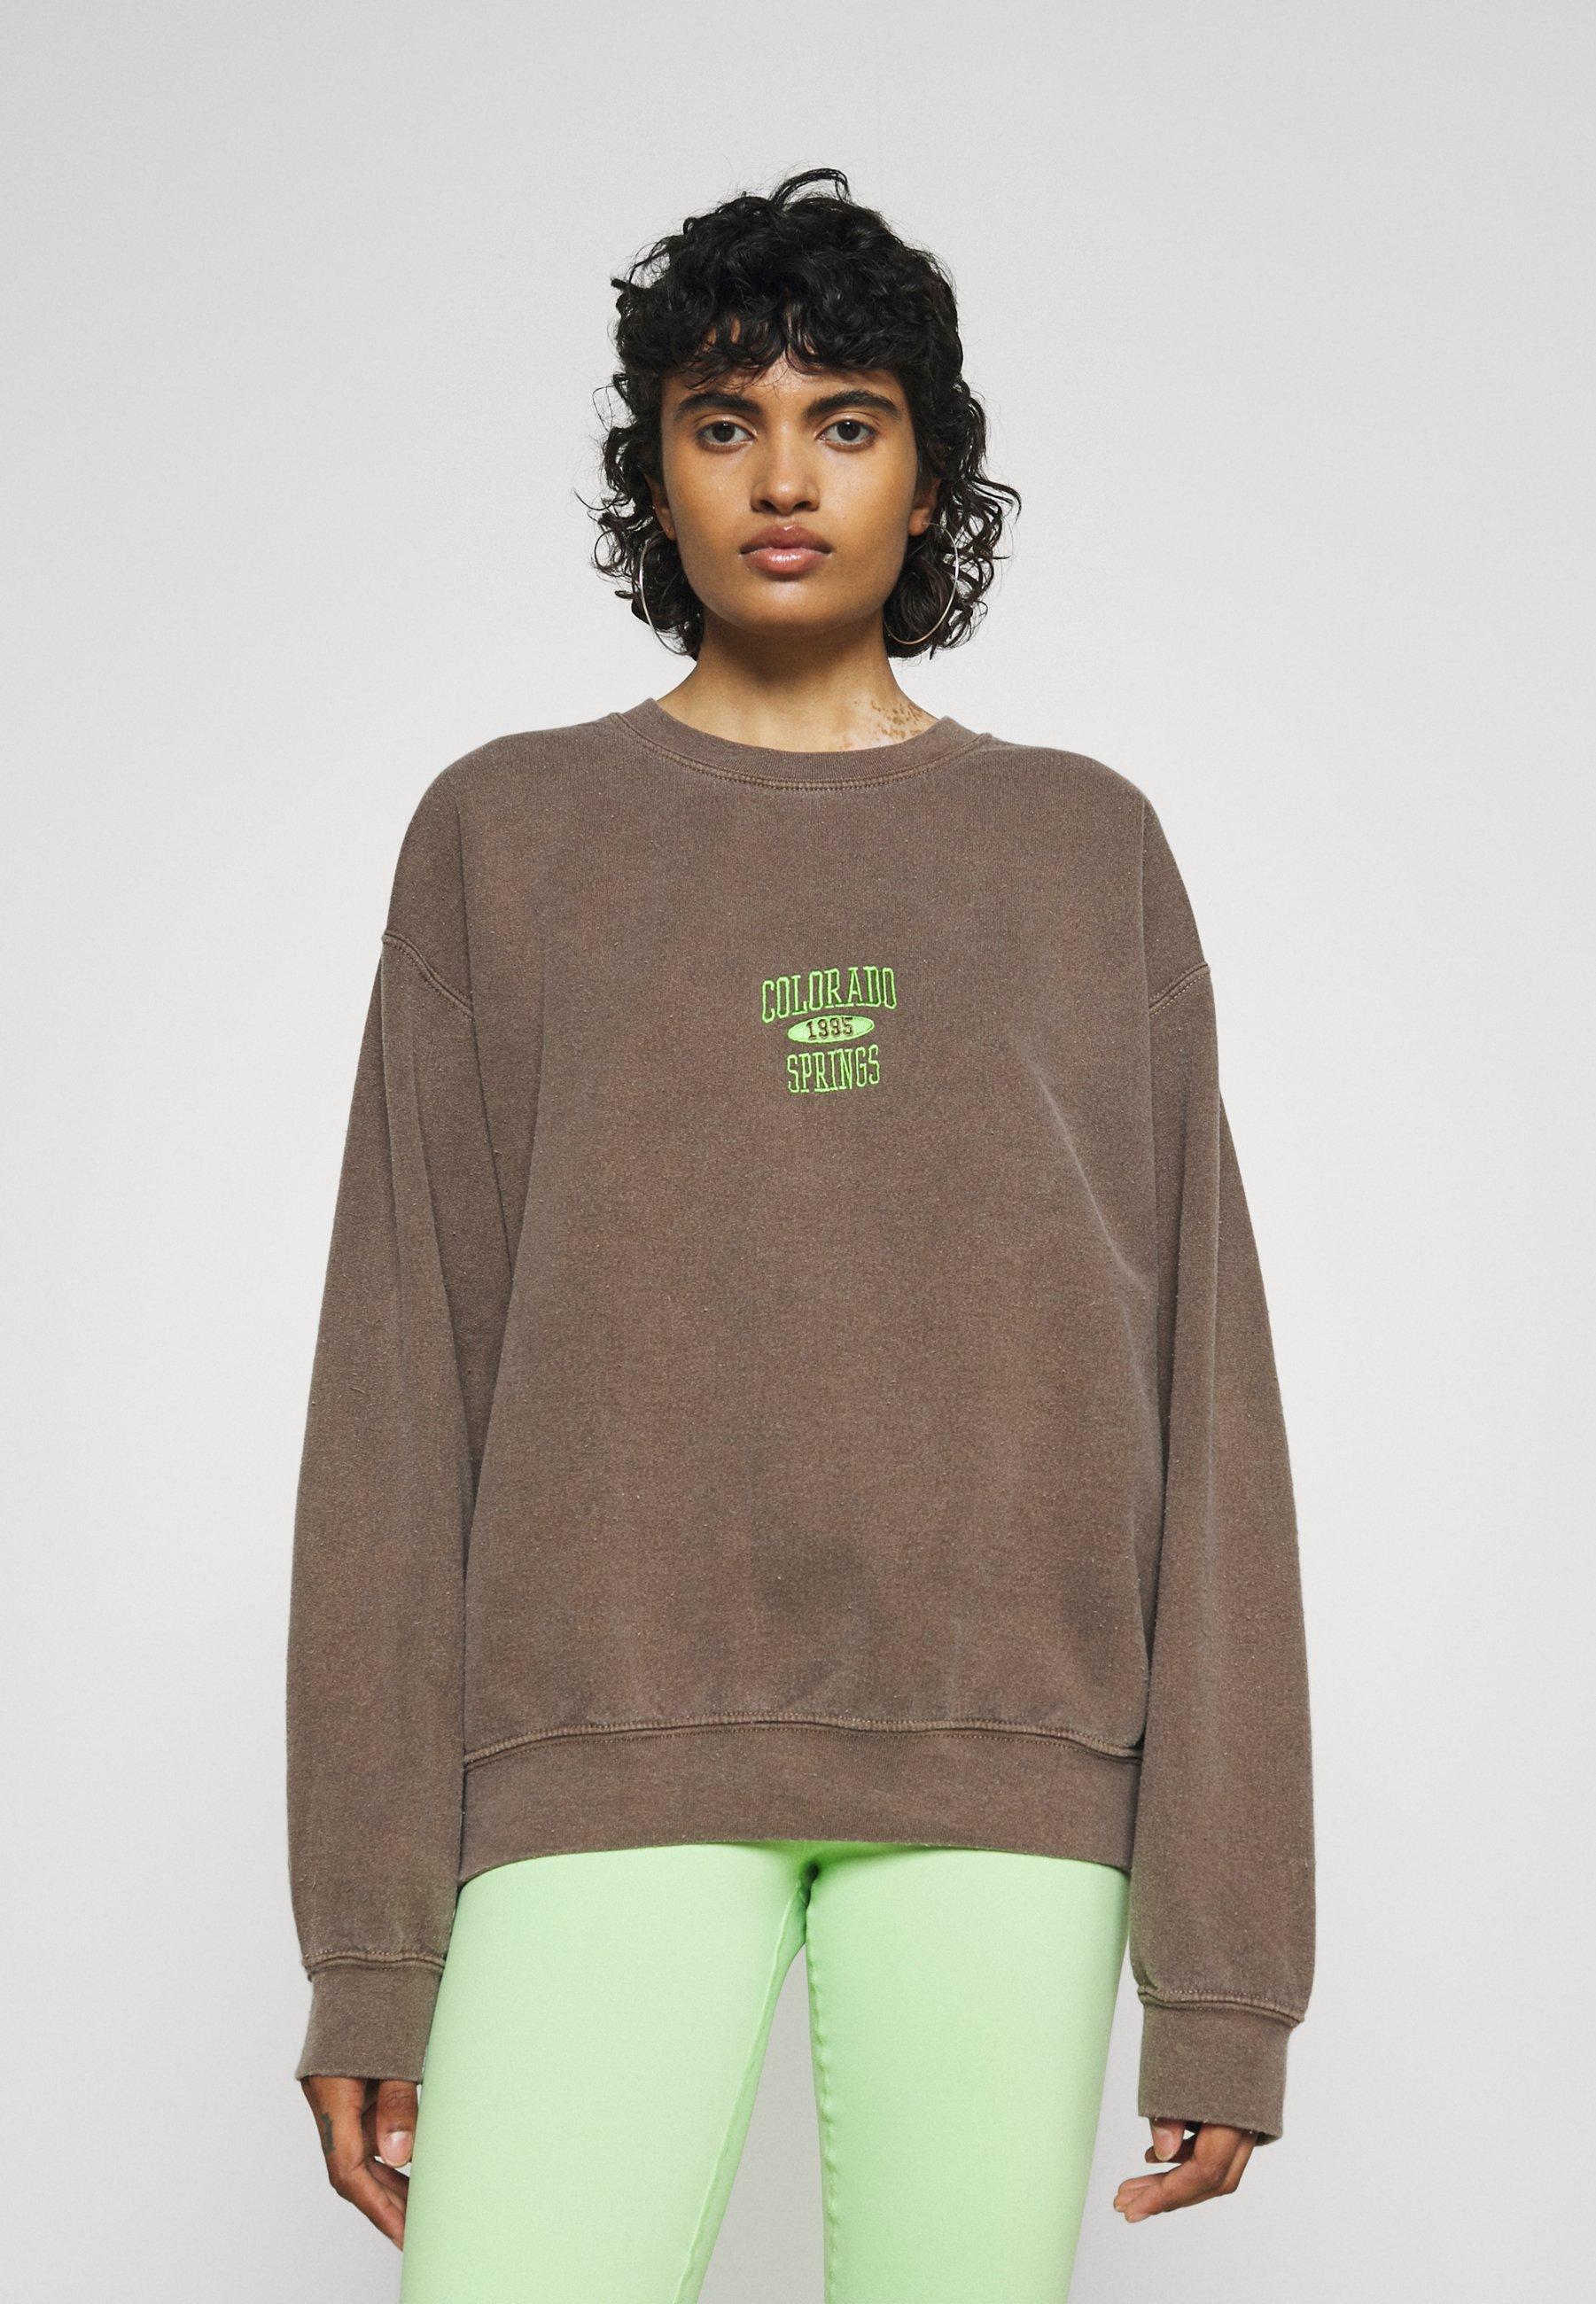 Women COLORADO SPRINGS CREWNECK - Sweatshirt